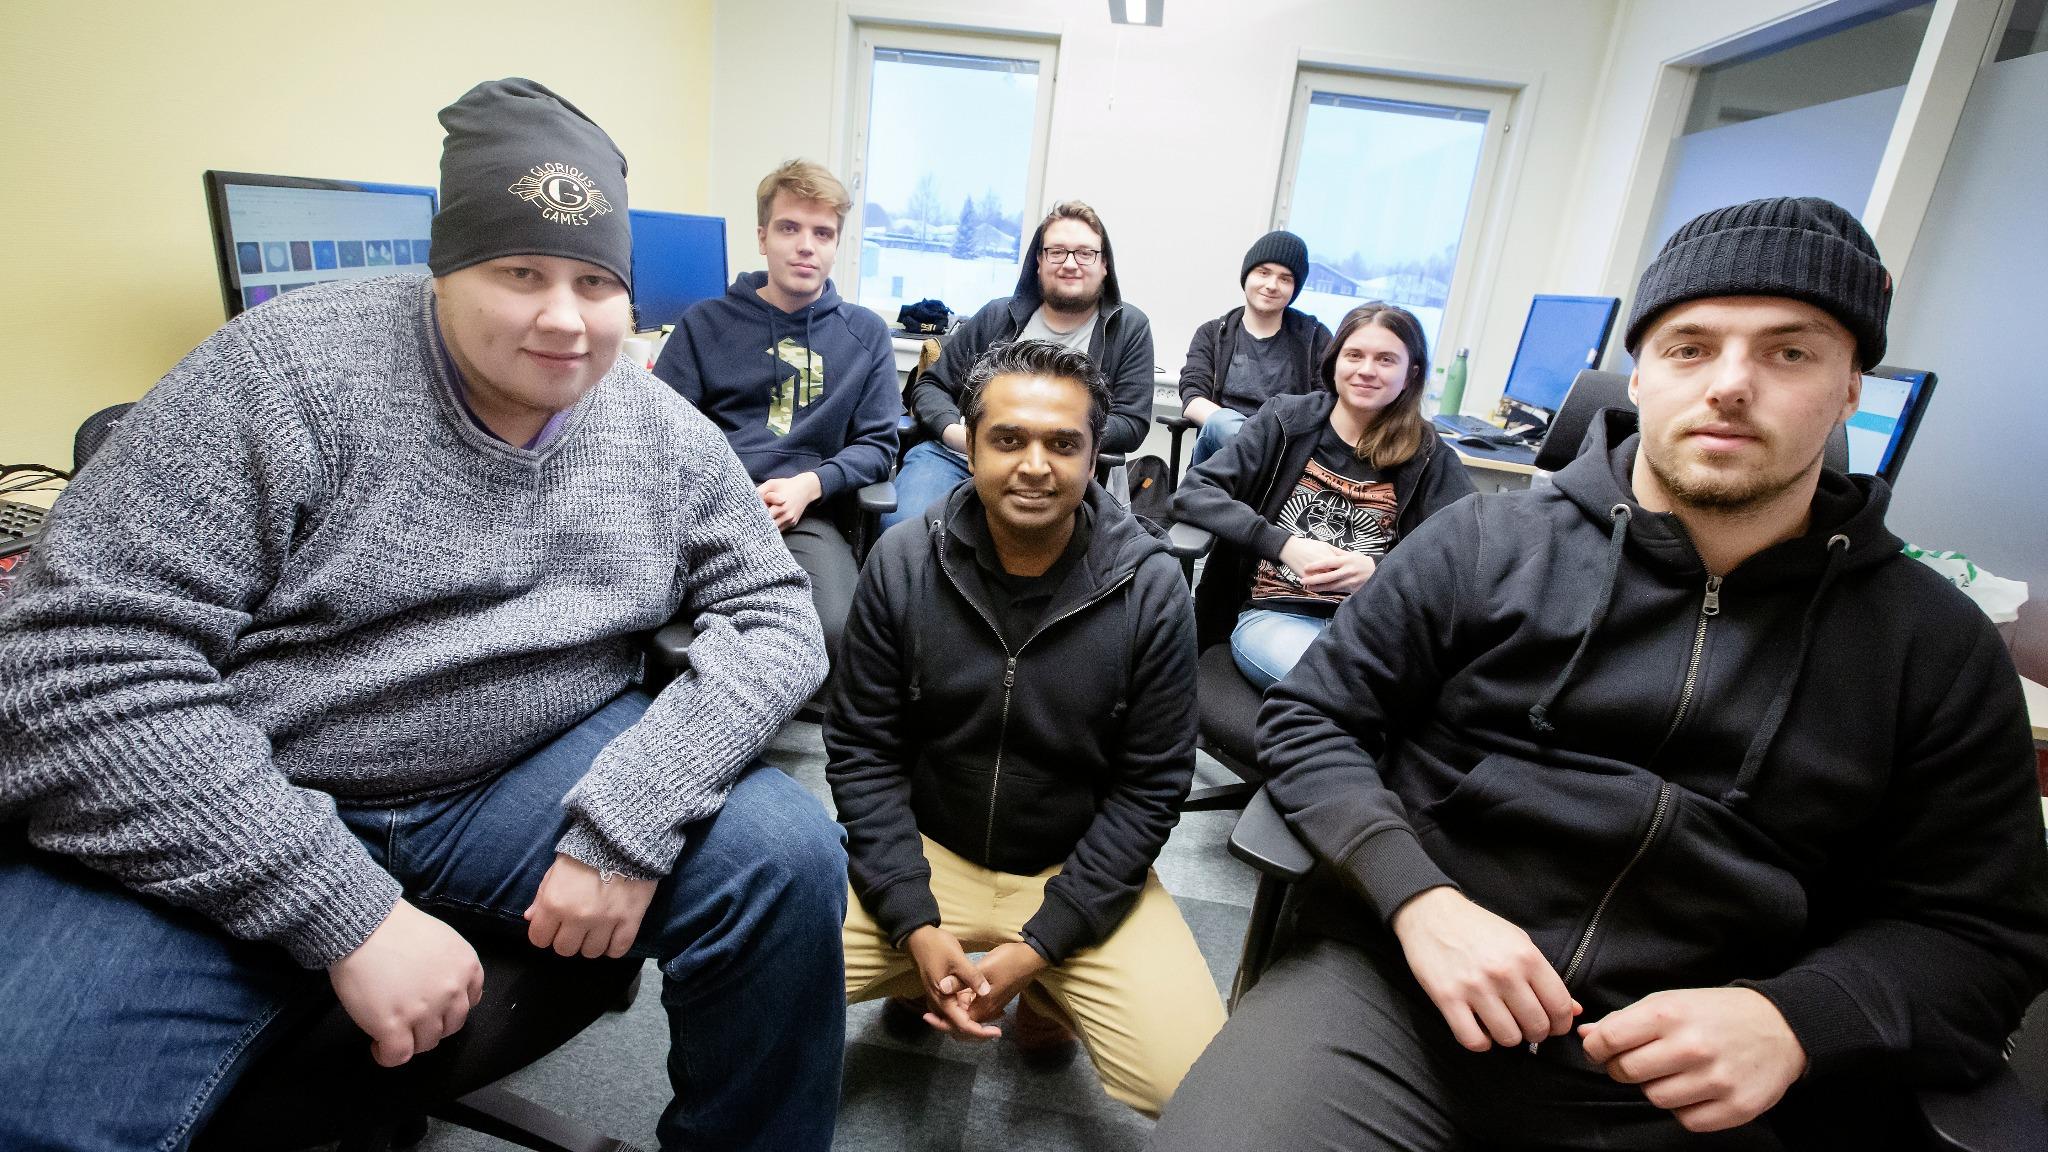 Vineeth Yogidas Sethu, exekutiv producent på Glorious Games, på besök i Sävast för att introducera de sex studenter som ska göra praktik på bolaget.